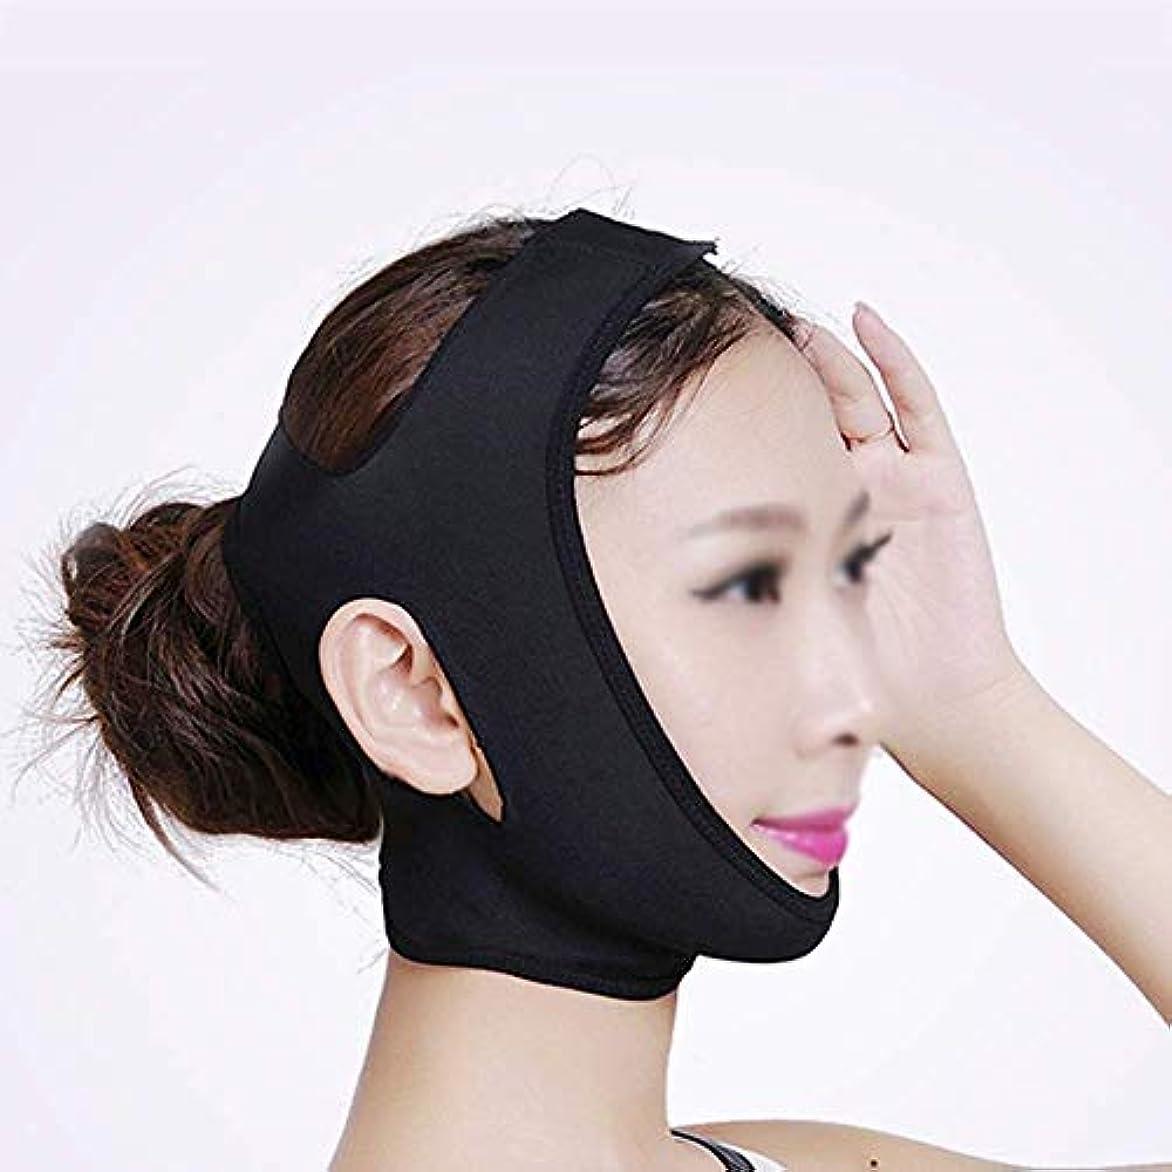 不規則な楽なナイトスポットフェイシャル減量マスクリフティングフェイス、フェイスマスク、減量包帯を除去するためのダブルチン、フェイシャルリフティング包帯、ダブルチンを減らすためのリフティングベルト(カラー:ブラック、サイズ:M),ブラック、XL